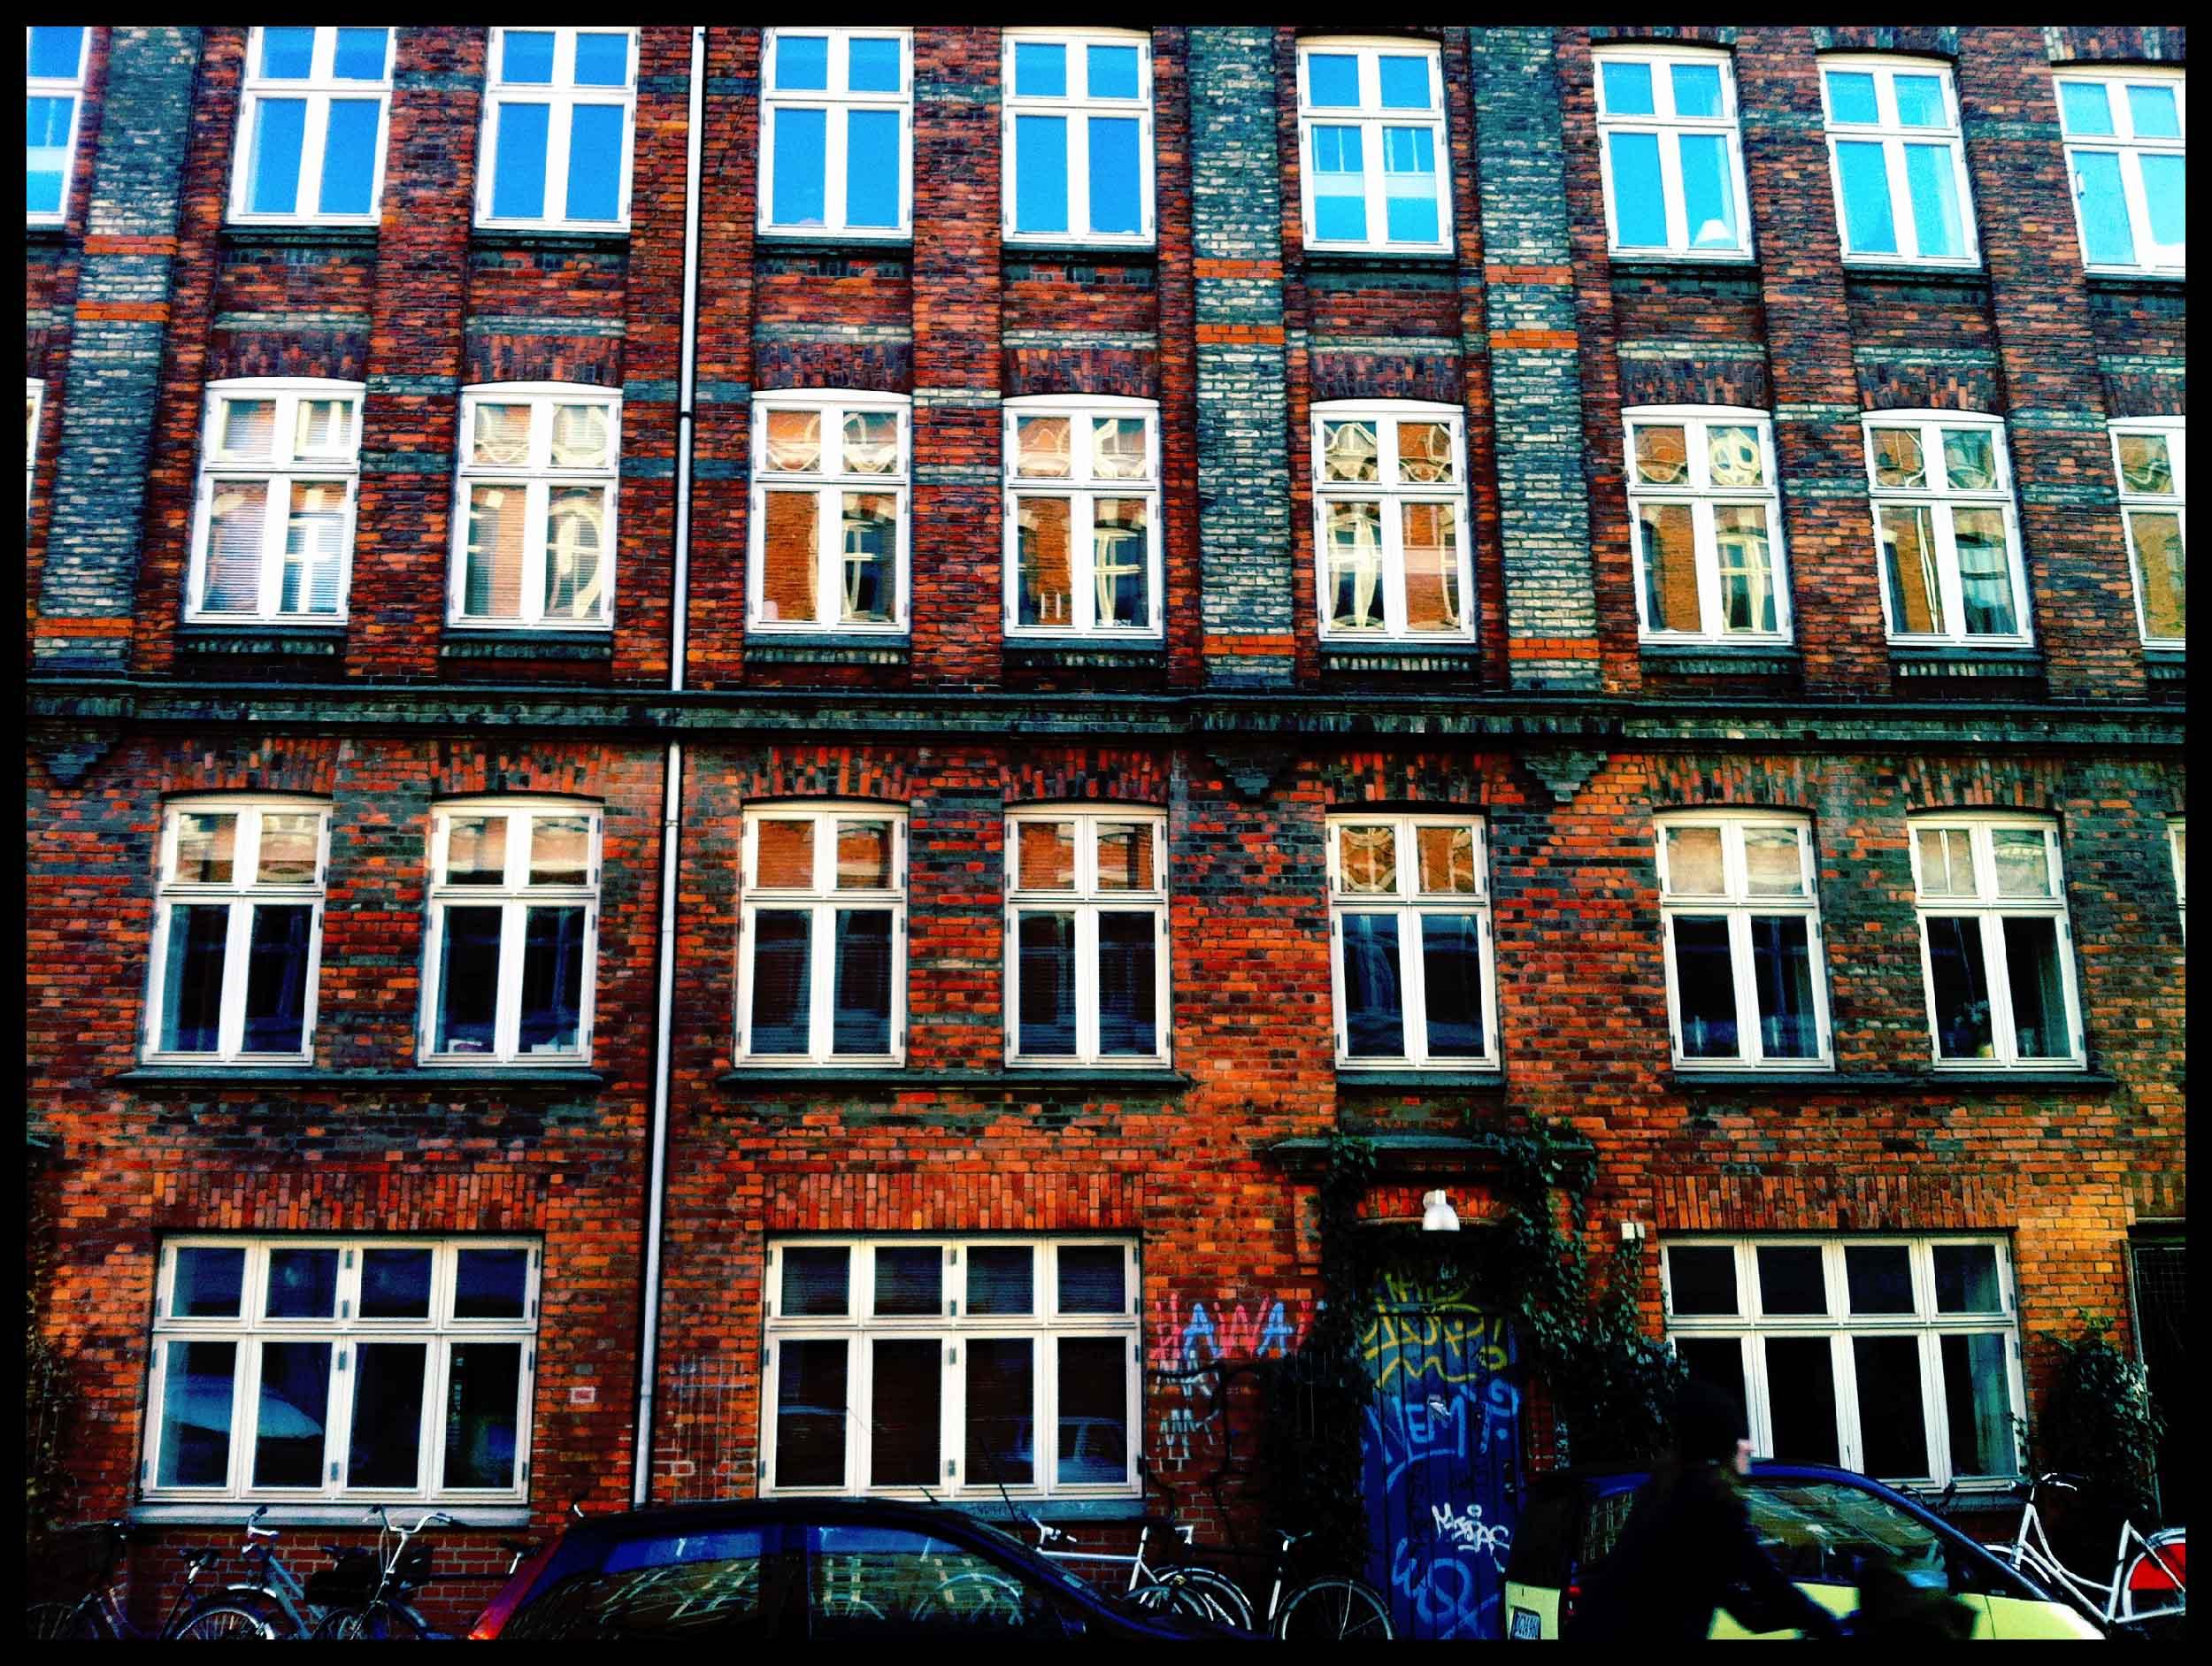 köpenhamn3.JPG